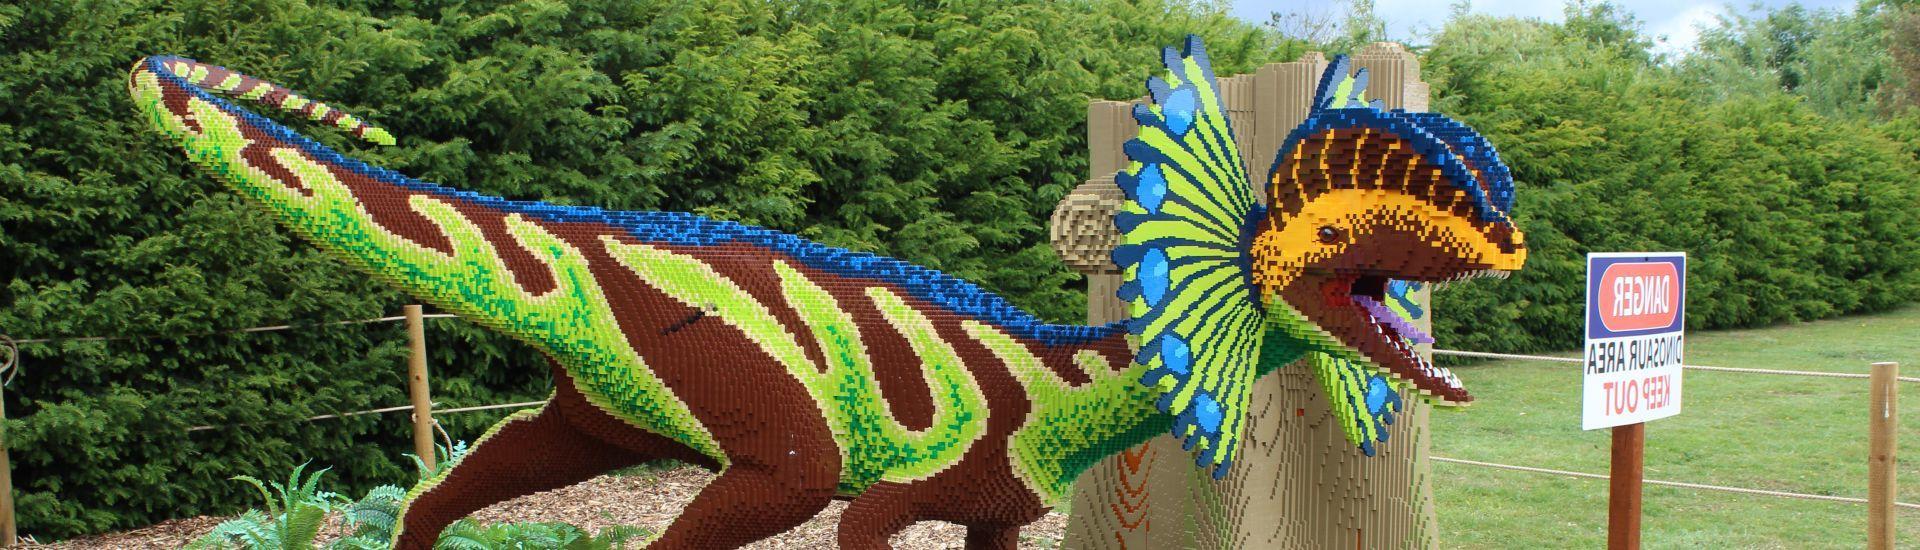 Get Brickosaur Hunting at Marwell this Summer!